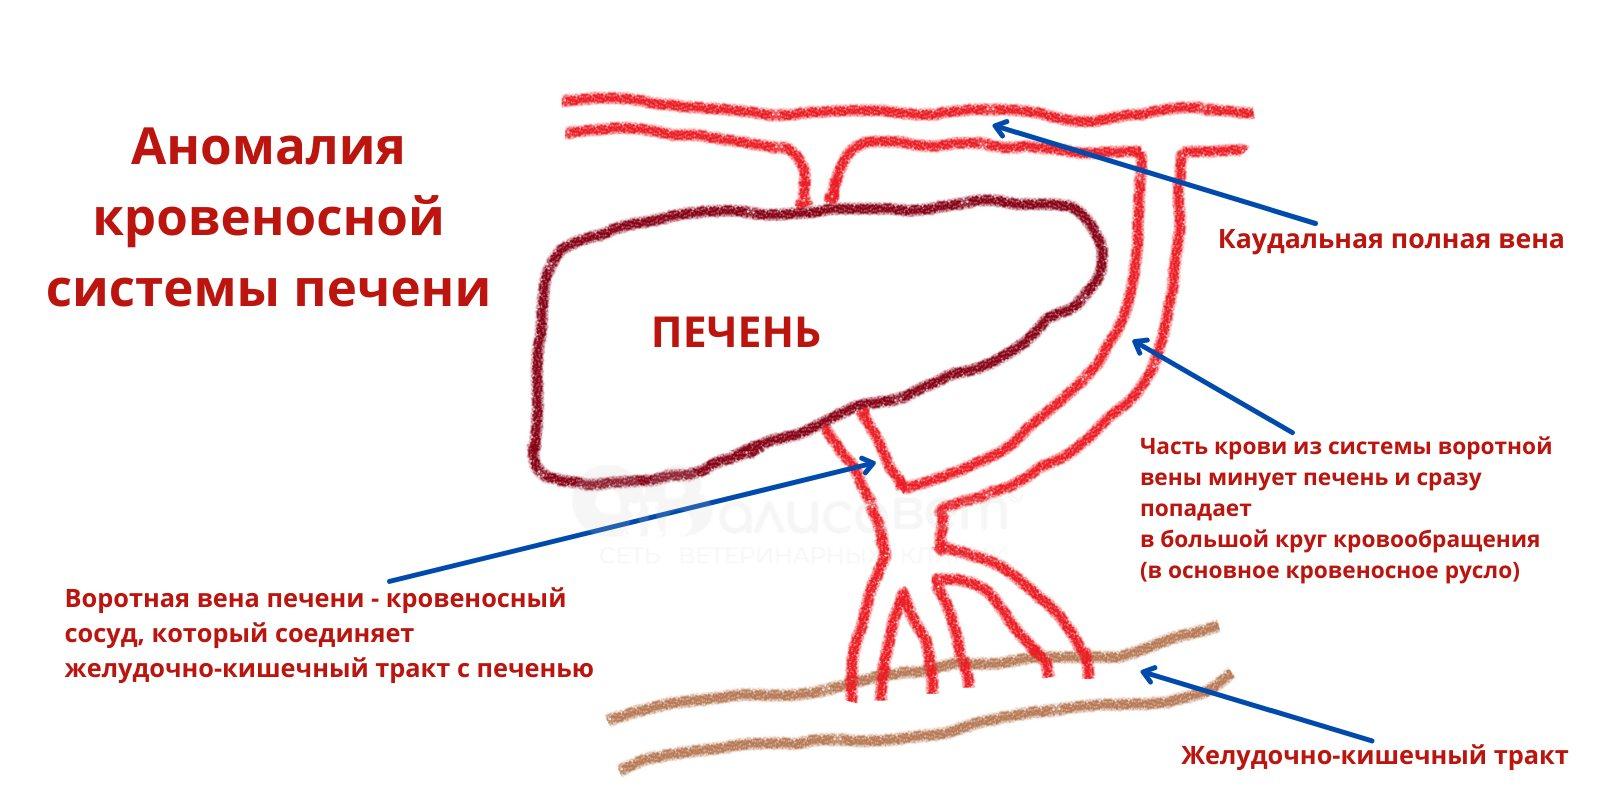 аномалия кровеносной системы печени